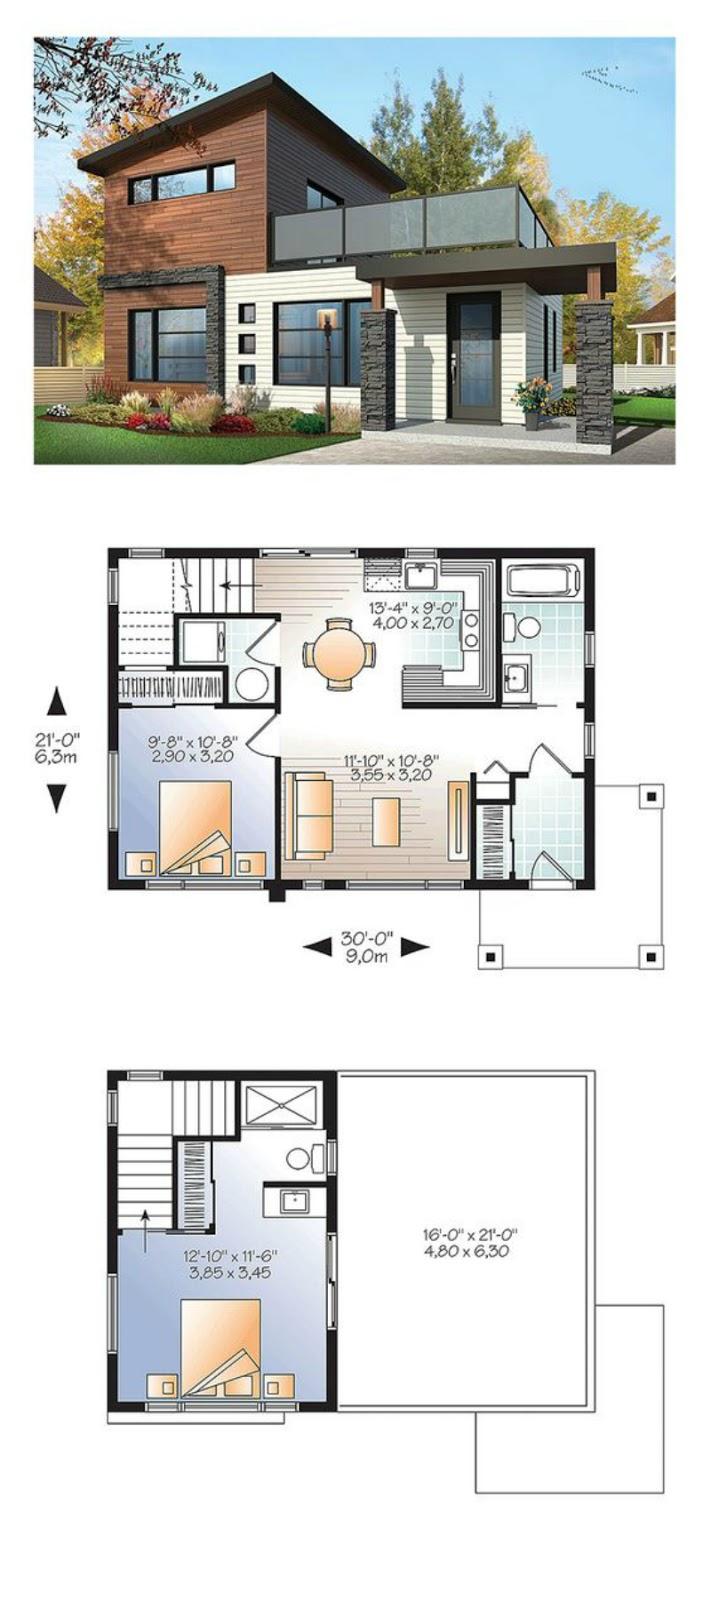 Los sims 4 de una a tres dimensiones for Sims 4 piani di casa